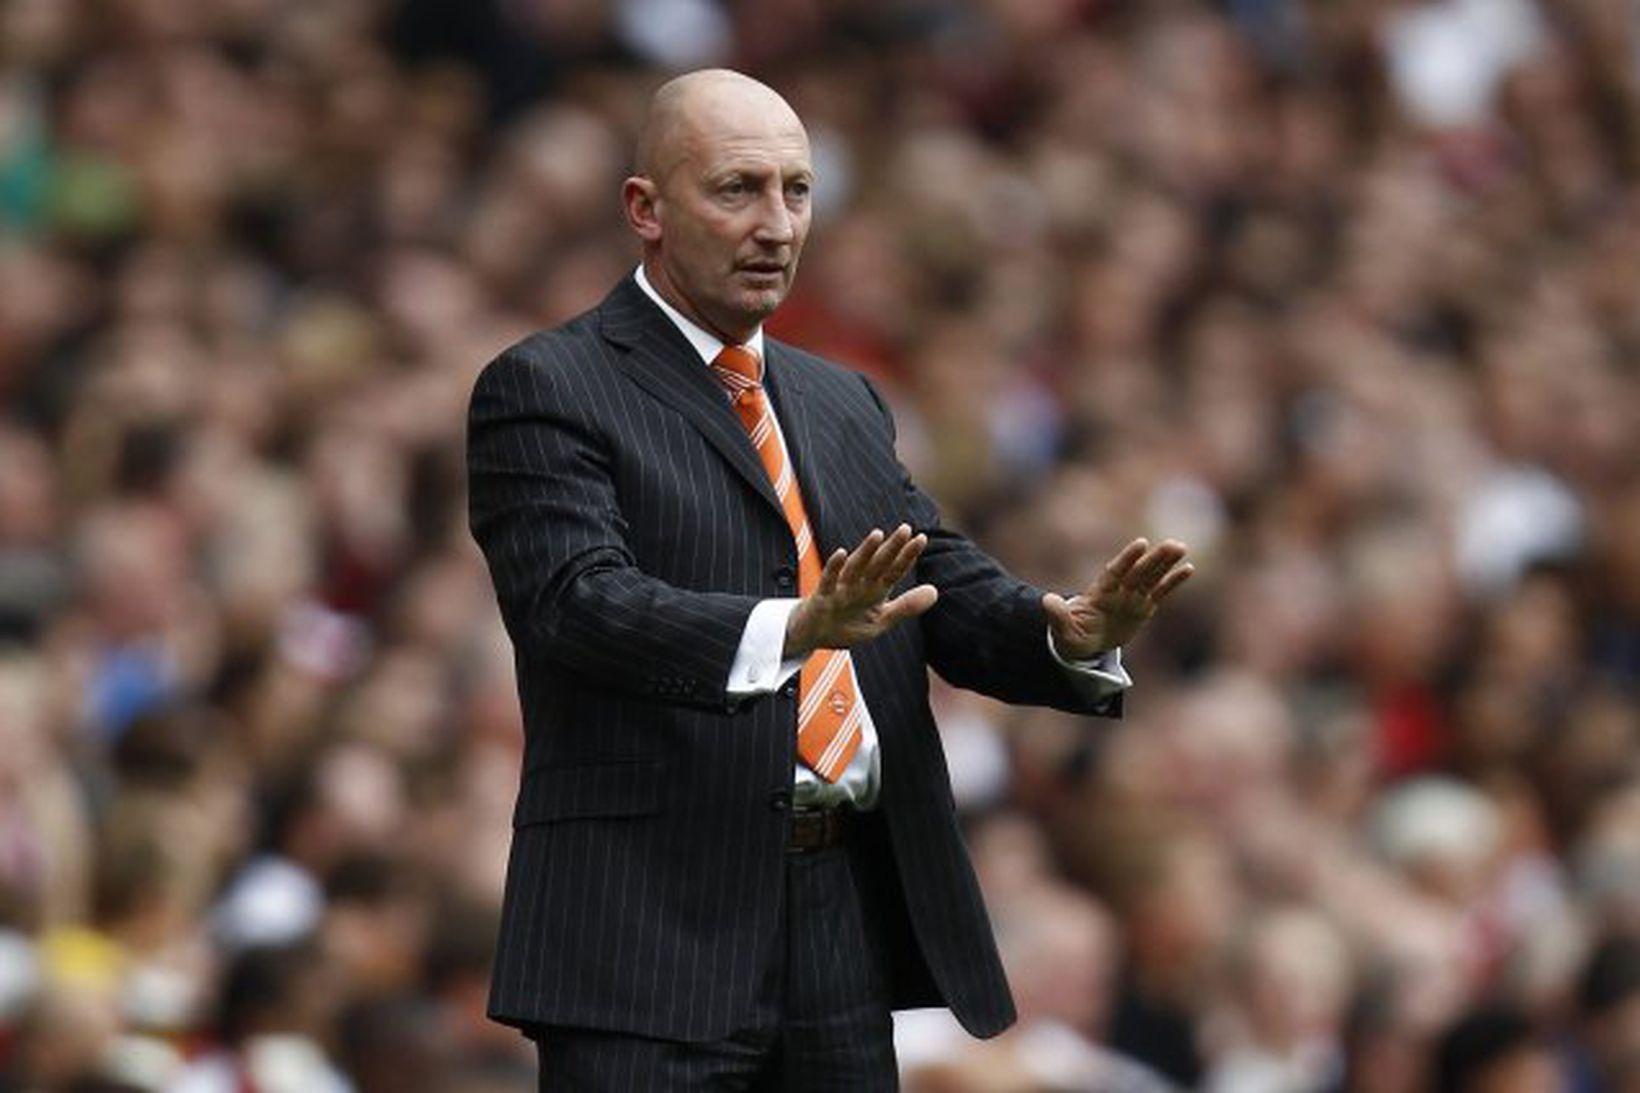 Ian Holloway stýrði liði Blackpool á sínum tíma í úrvalsdeildinni.